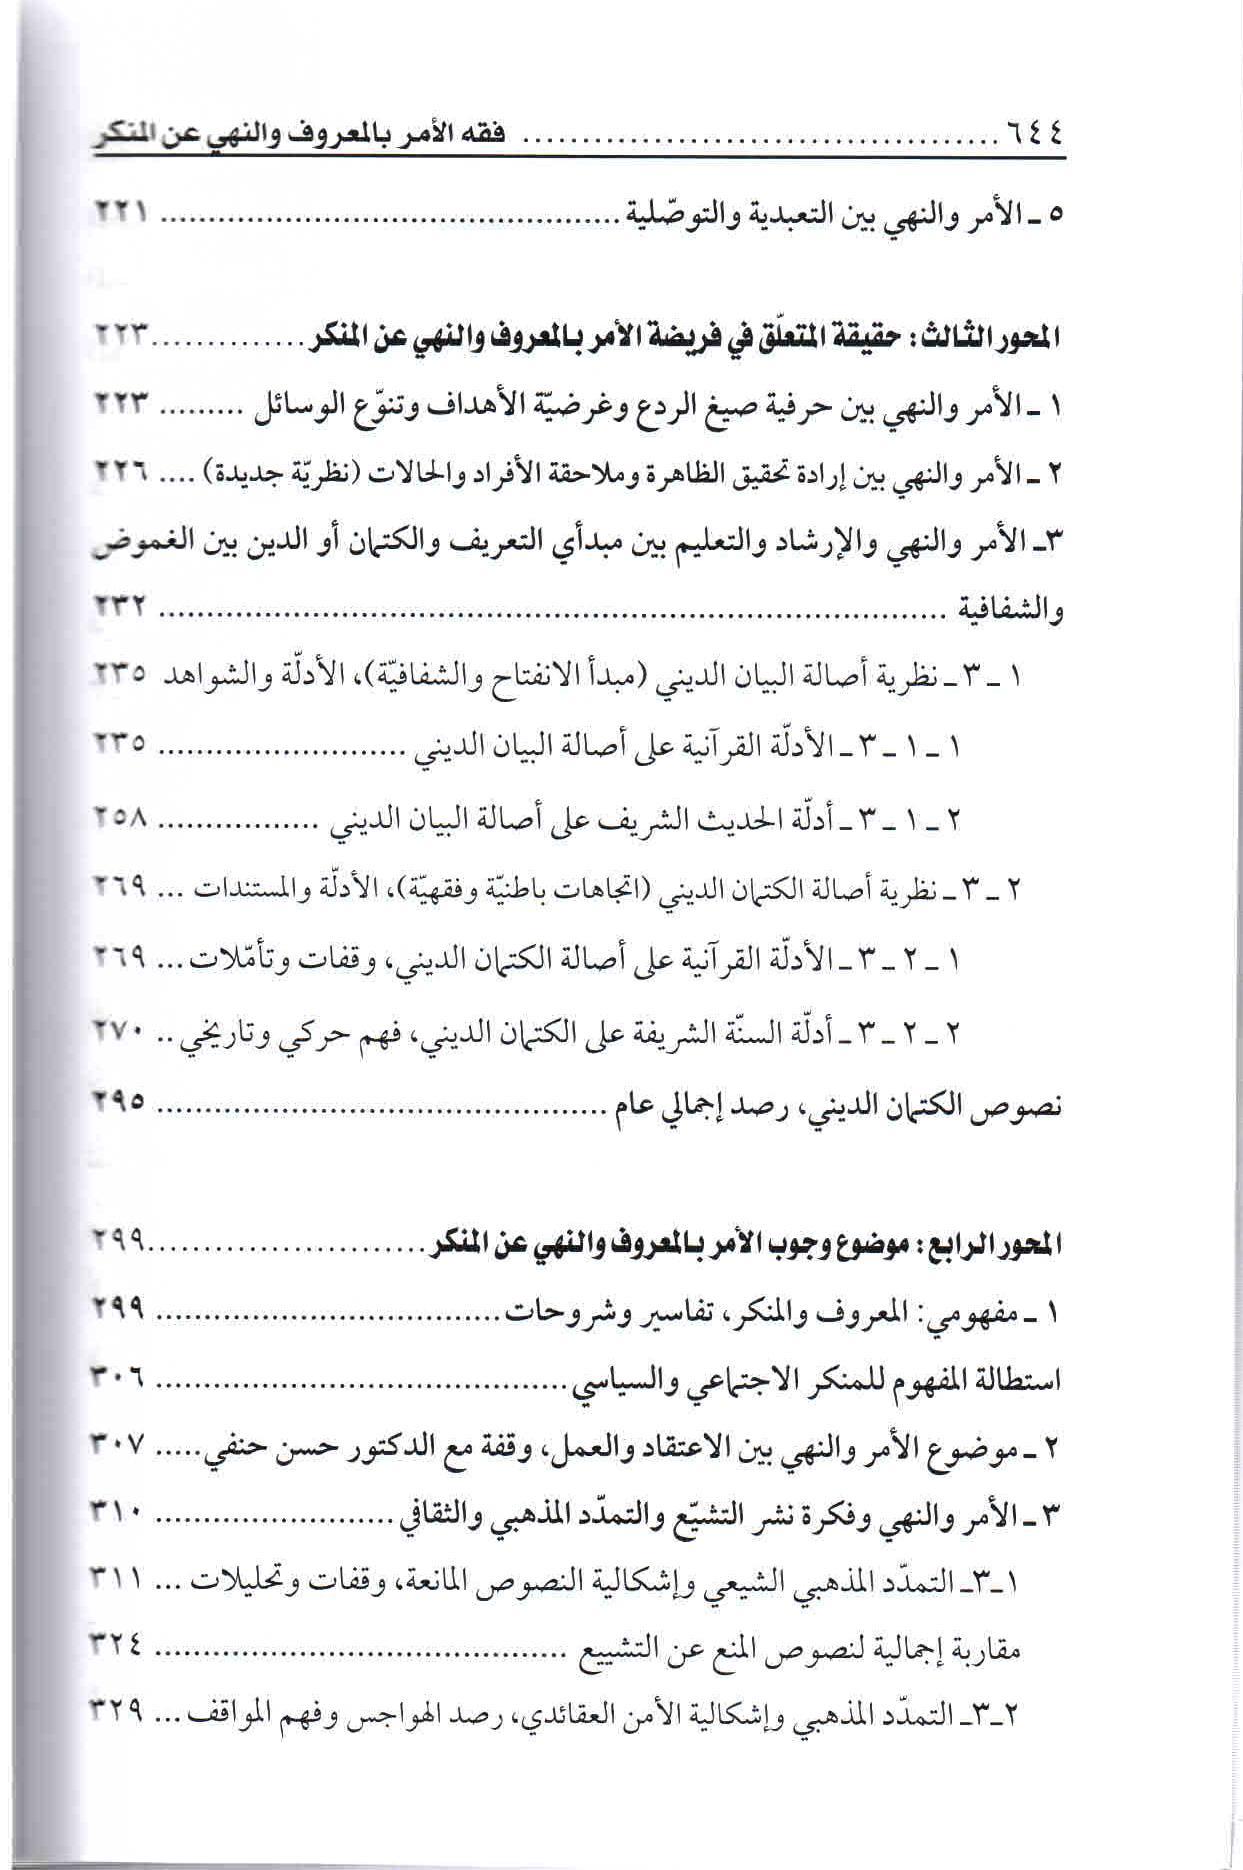 ص644 محتويات كتاب فقه الأمر بالمعروف والنهي عن المنكر